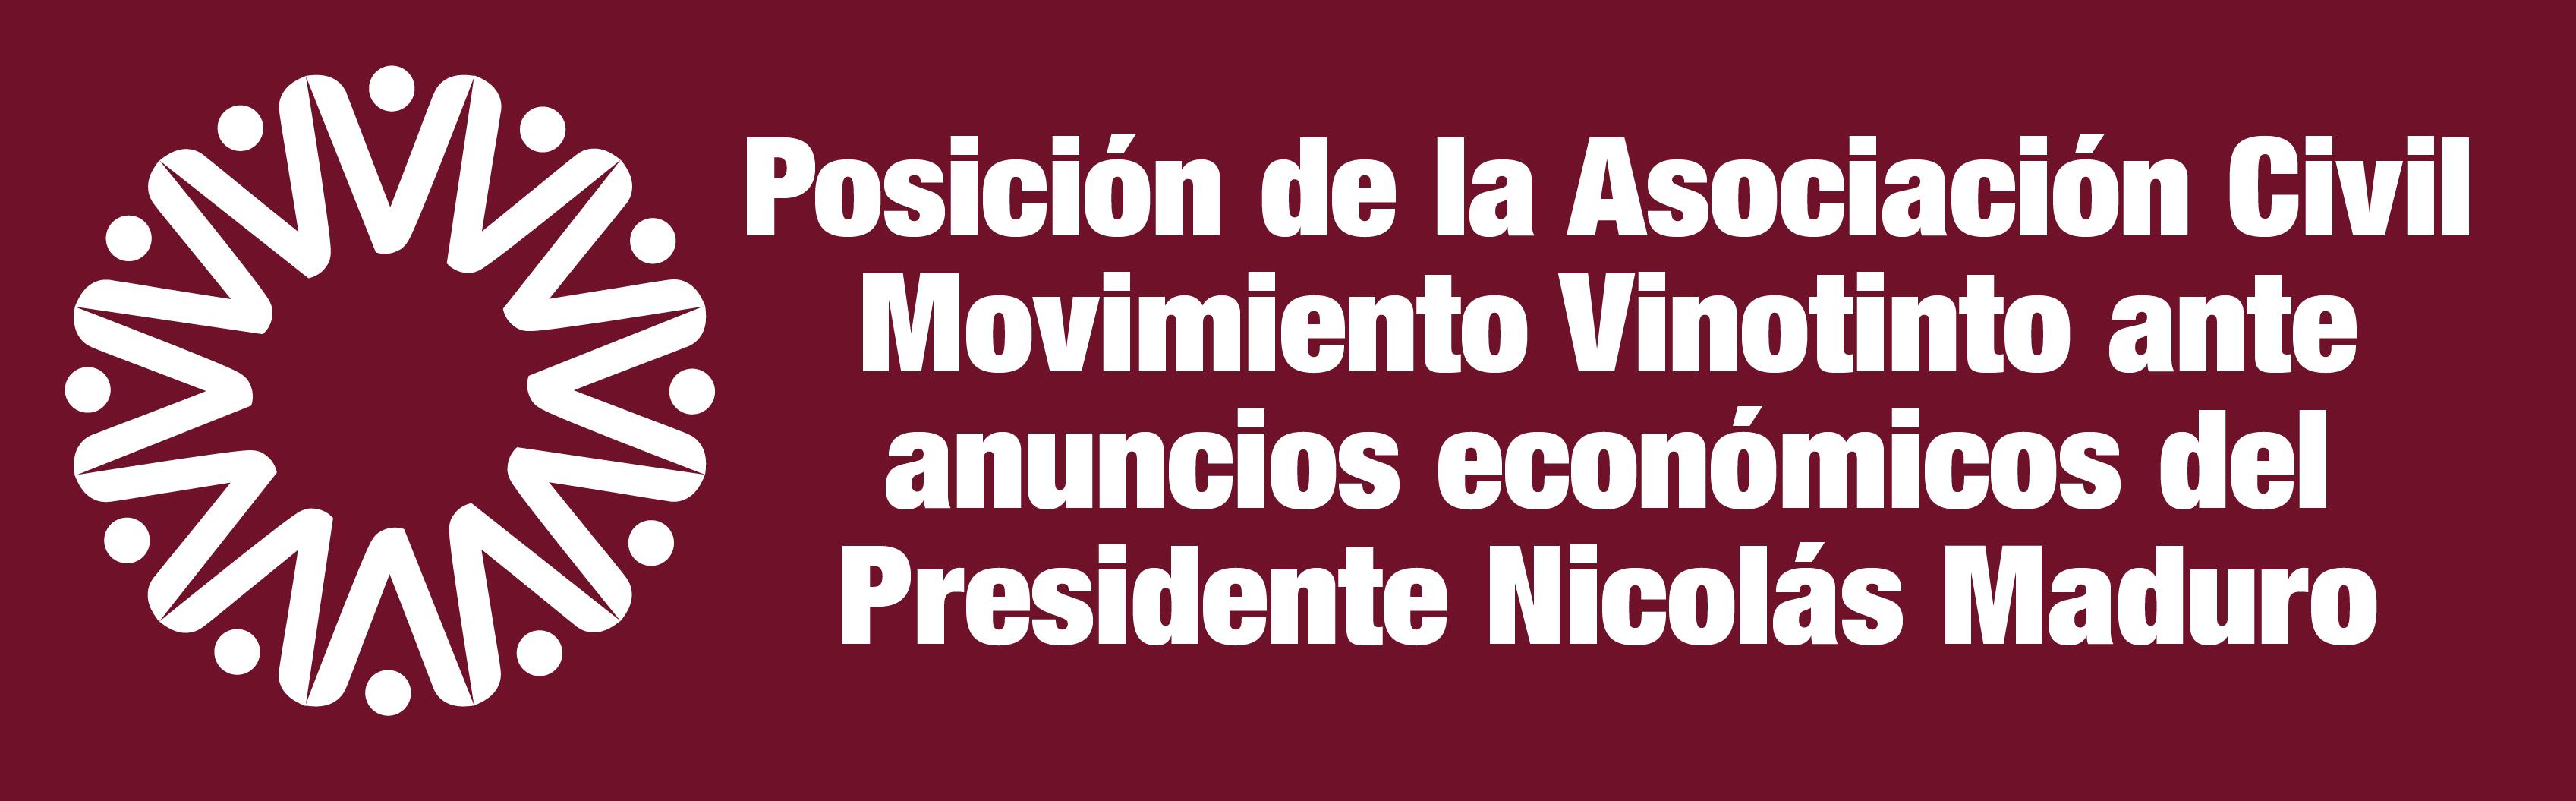 Posición de la Asociación Civil Movimiento Vinotinto ante anuncios económicos del Presidente Nicolás Maduro